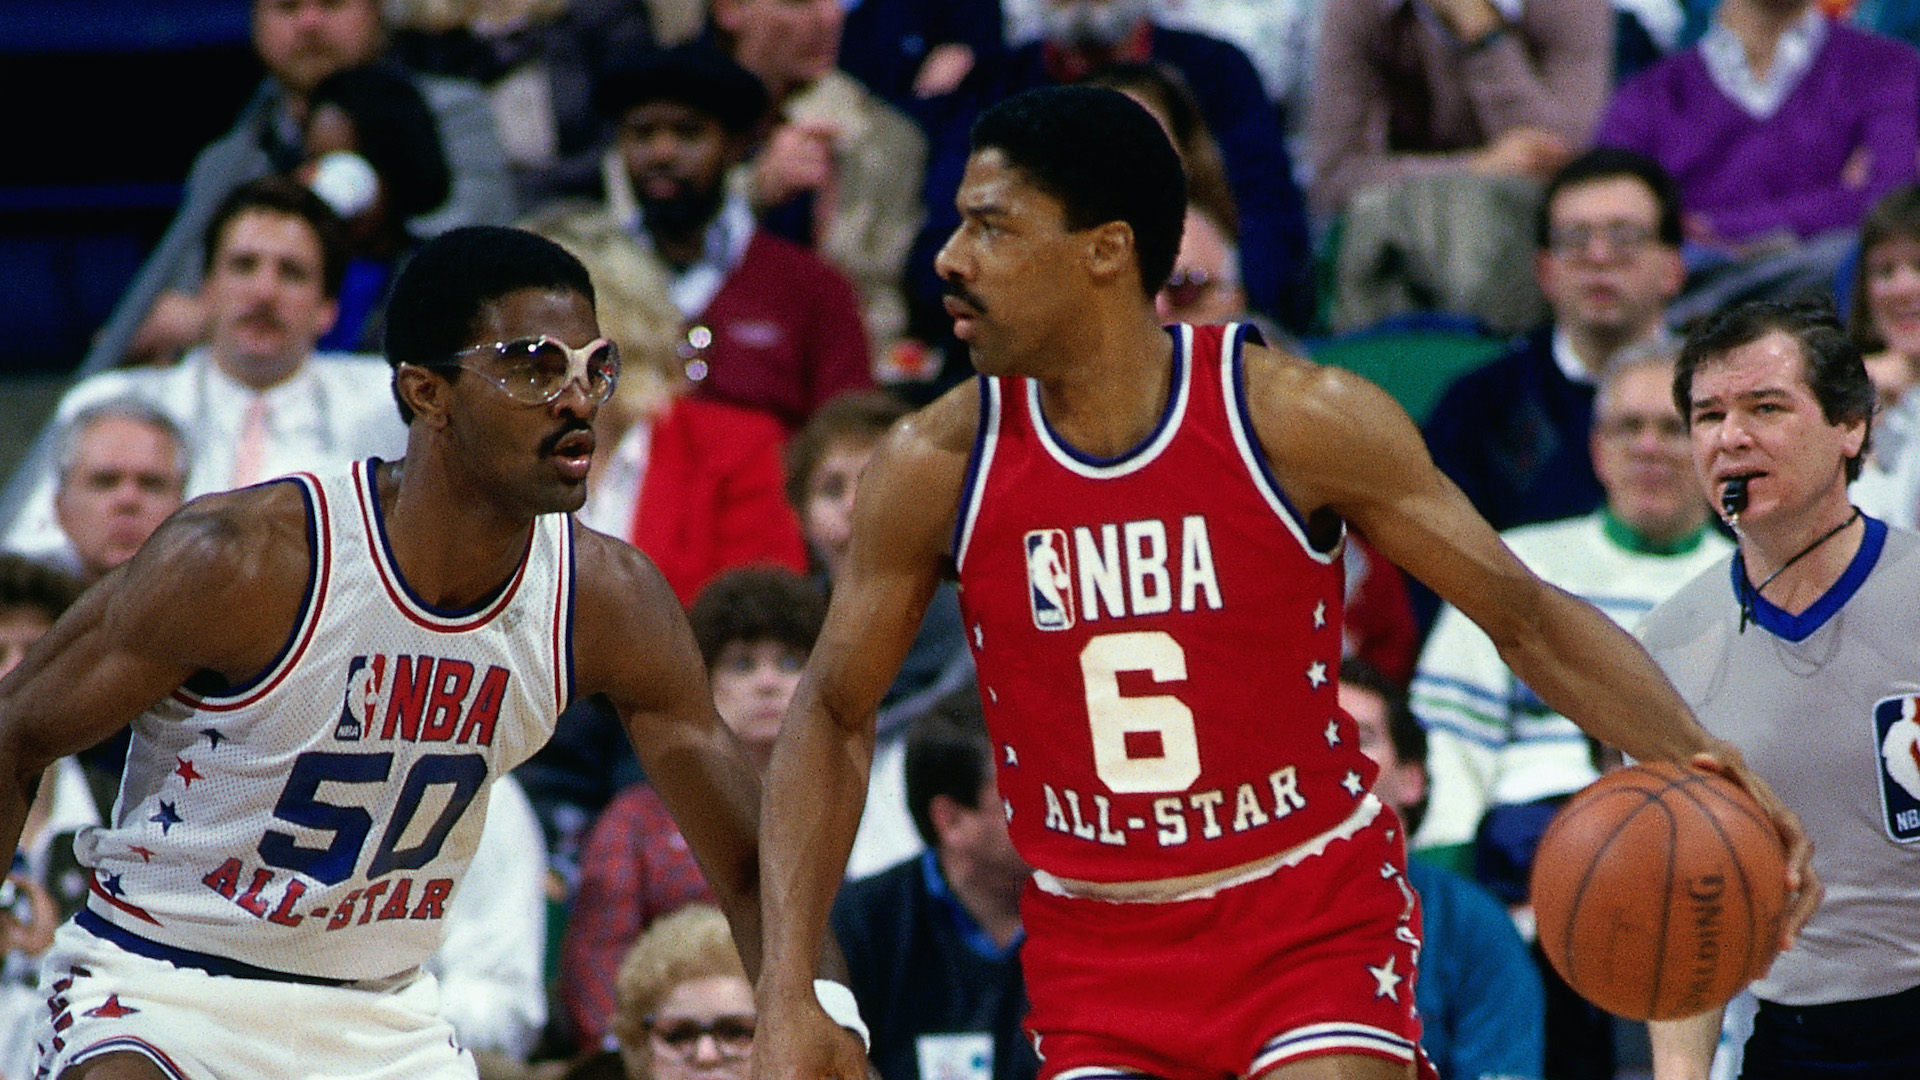 1985 NBA All-Star recap